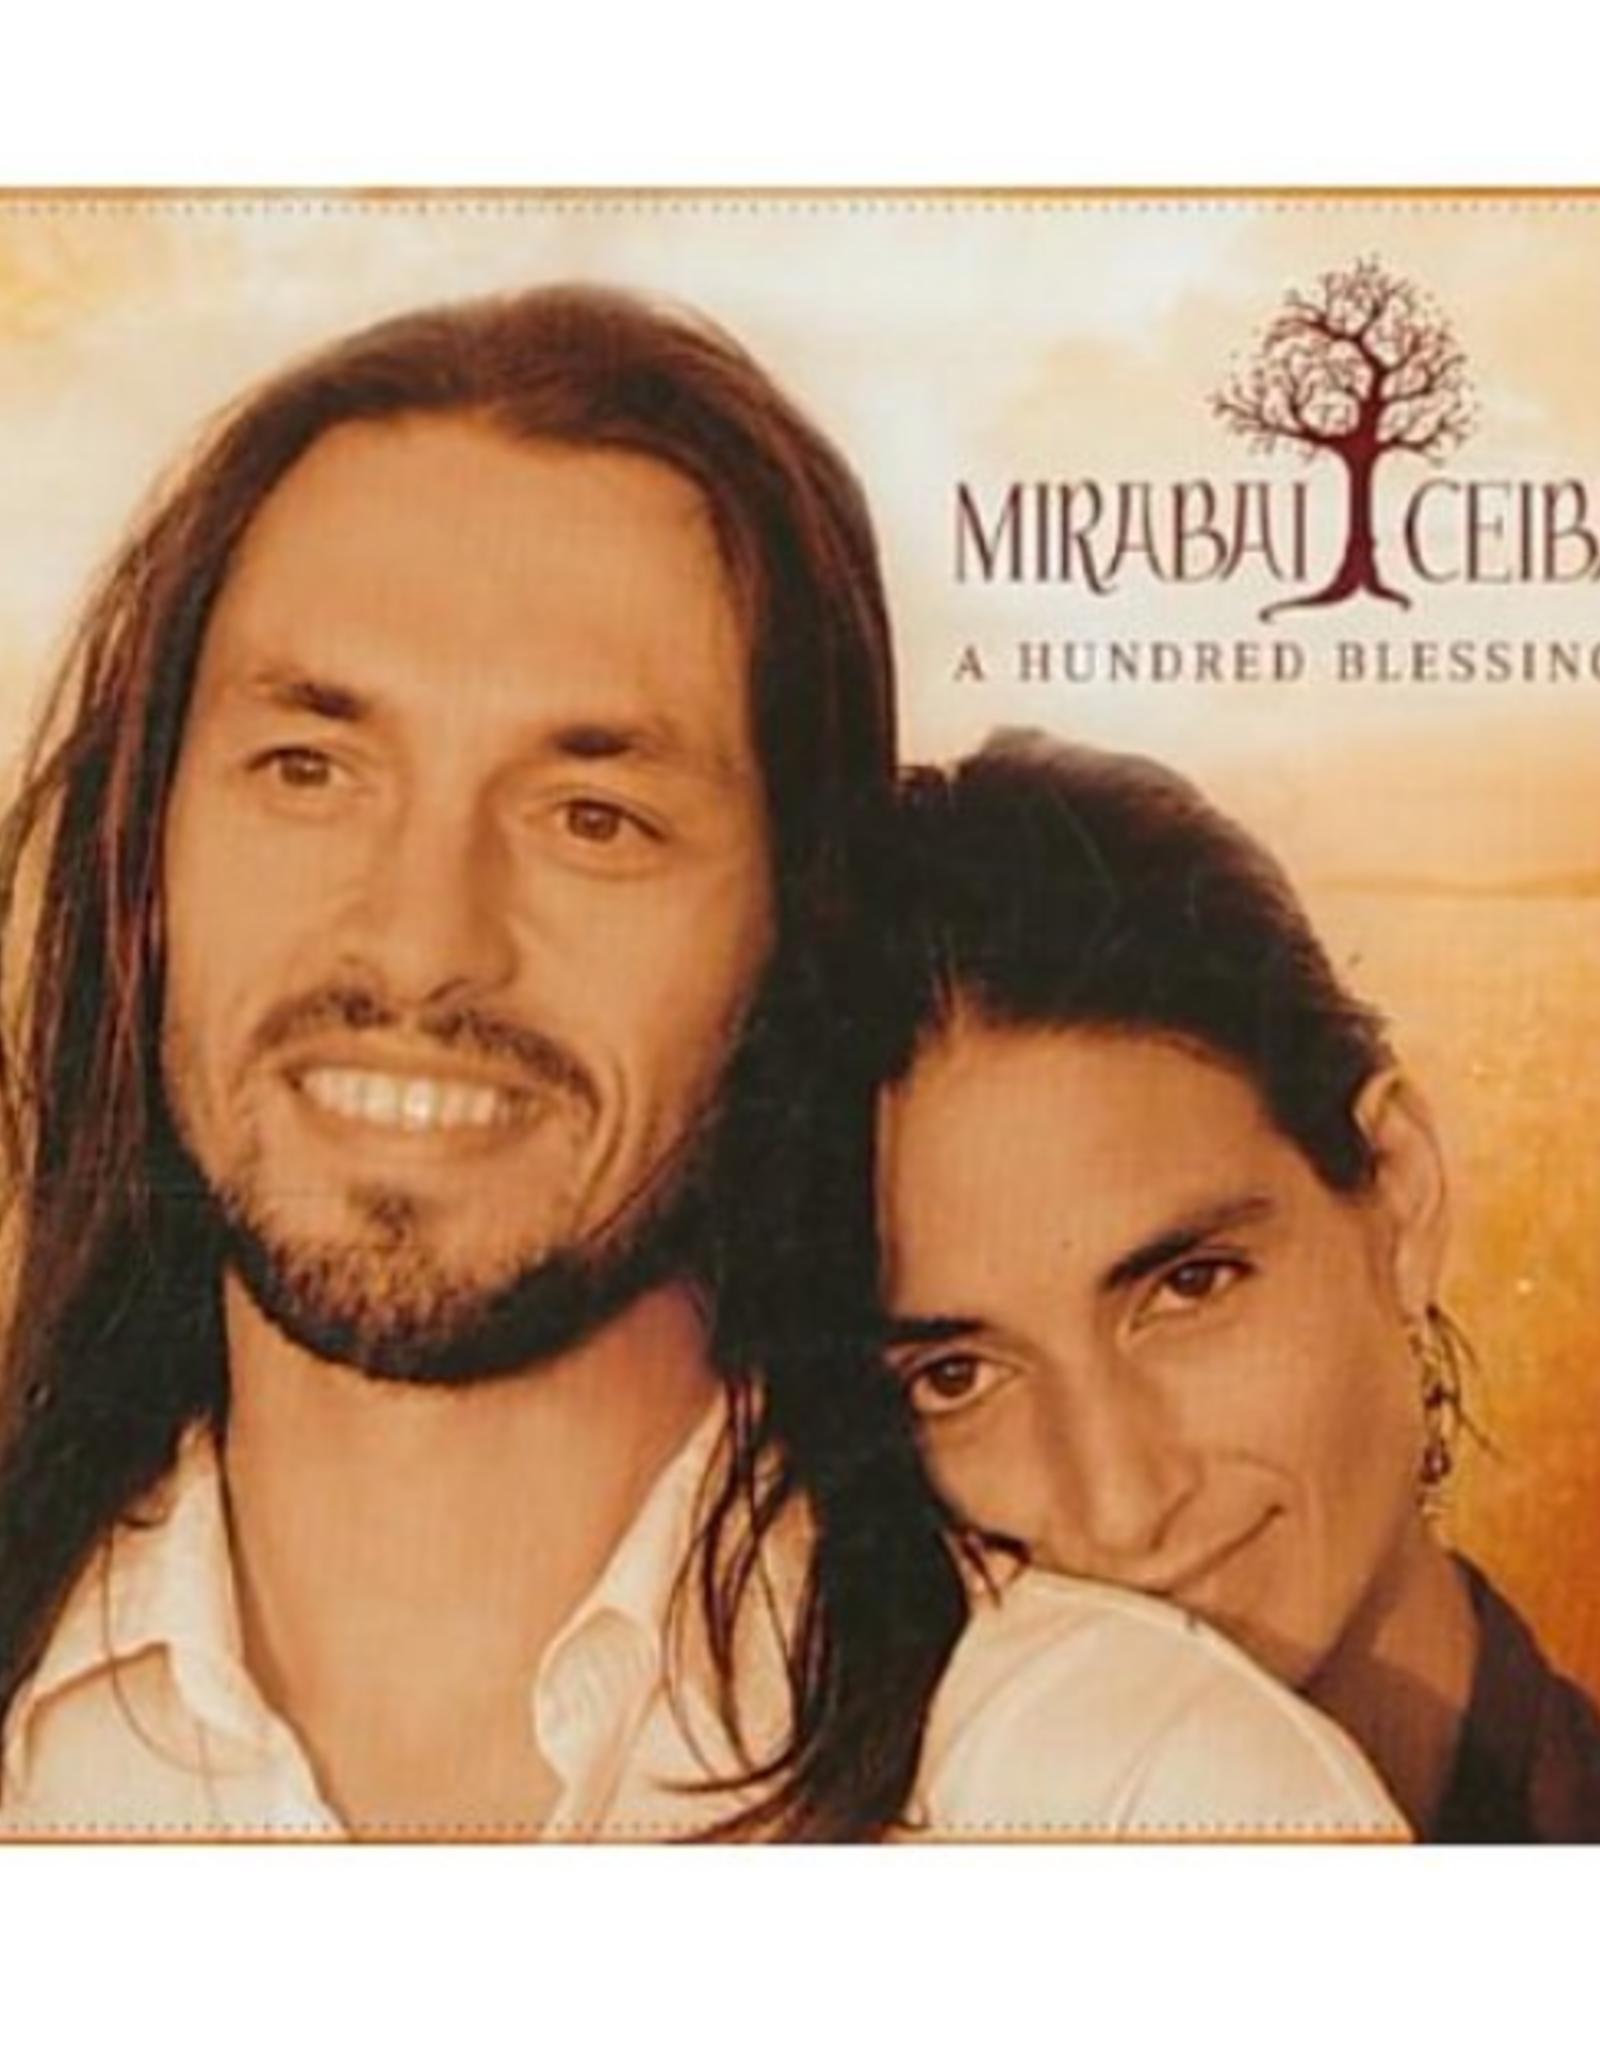 Mirabai Ceiba A Hundred Blessings CD by Mirabai Ceiba